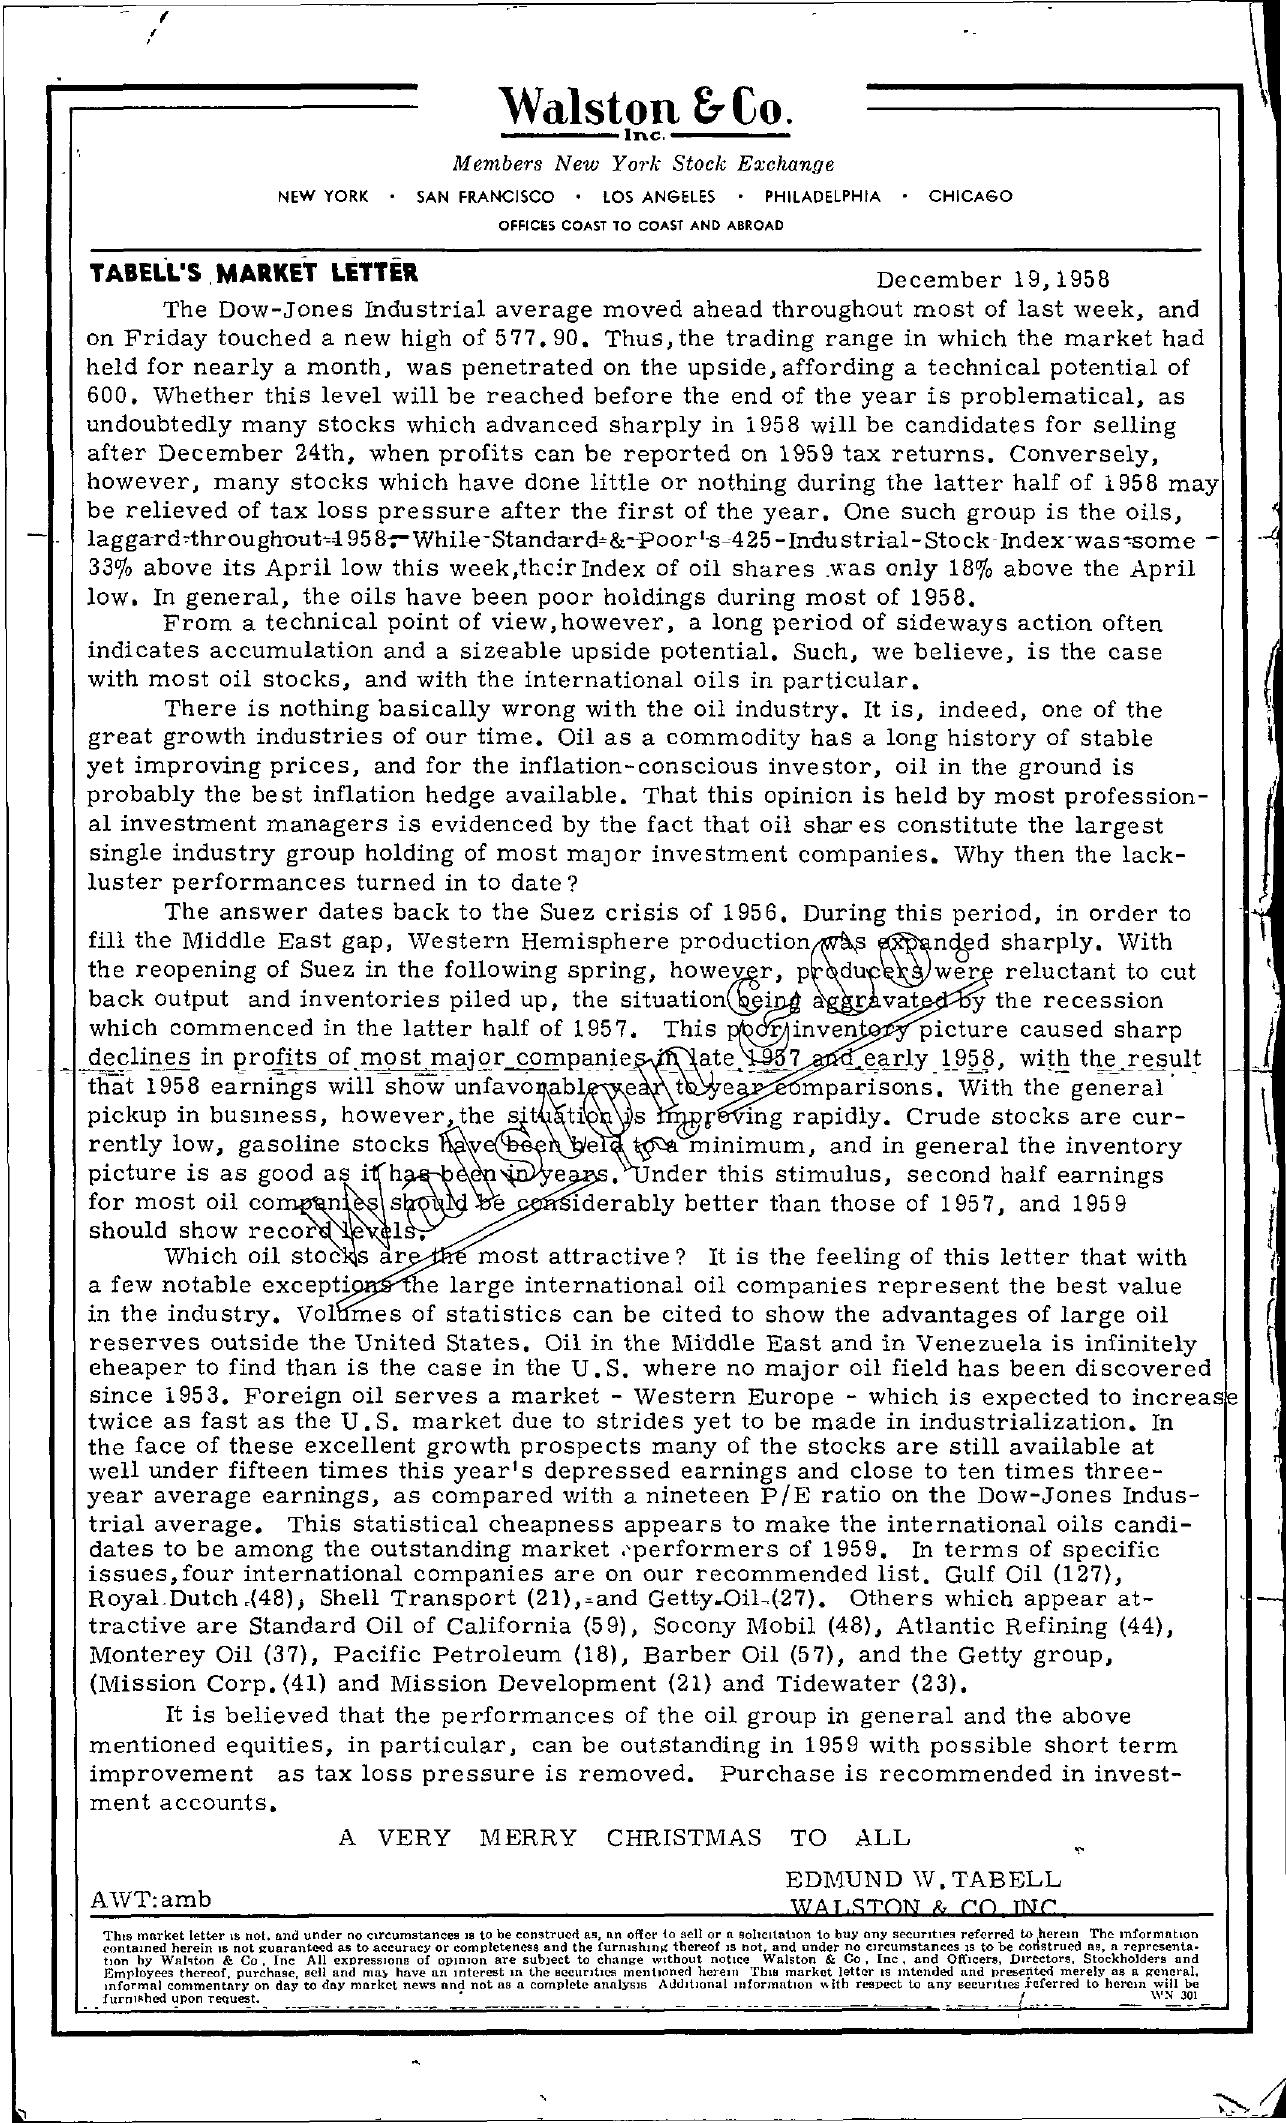 Tabell's Market Letter - December 19, 1958